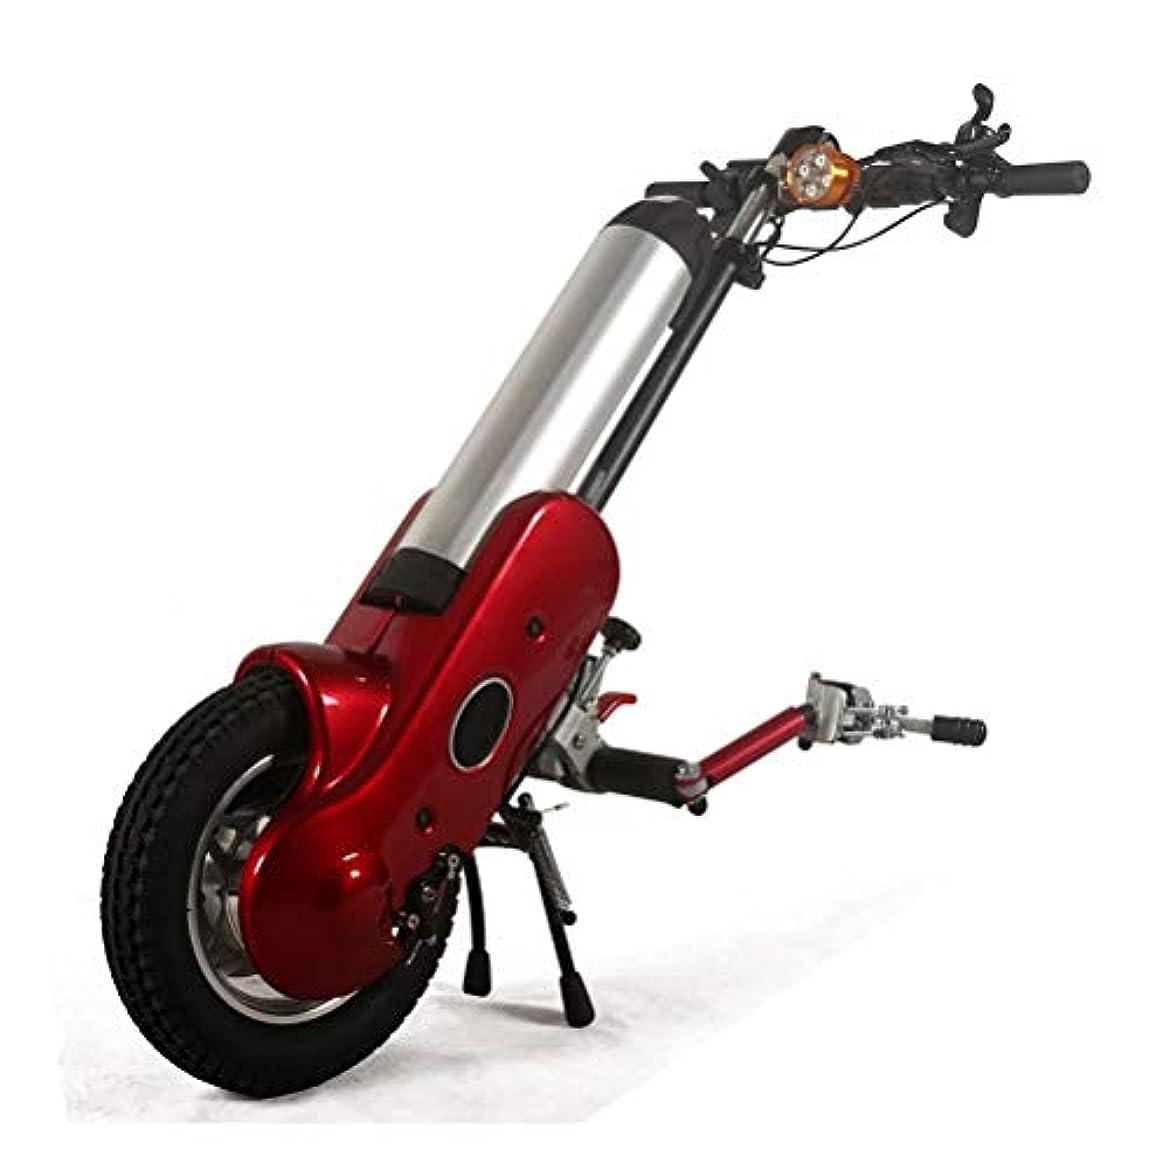 投資手入れ磁気ZCYX - 電動車椅子 電気自動車のヘッド - スポーツ車椅子、折りたたみ車椅子ドライブヘッドトレーラーヘッド12インチ36V16Aリチウム電池 (Color : A)